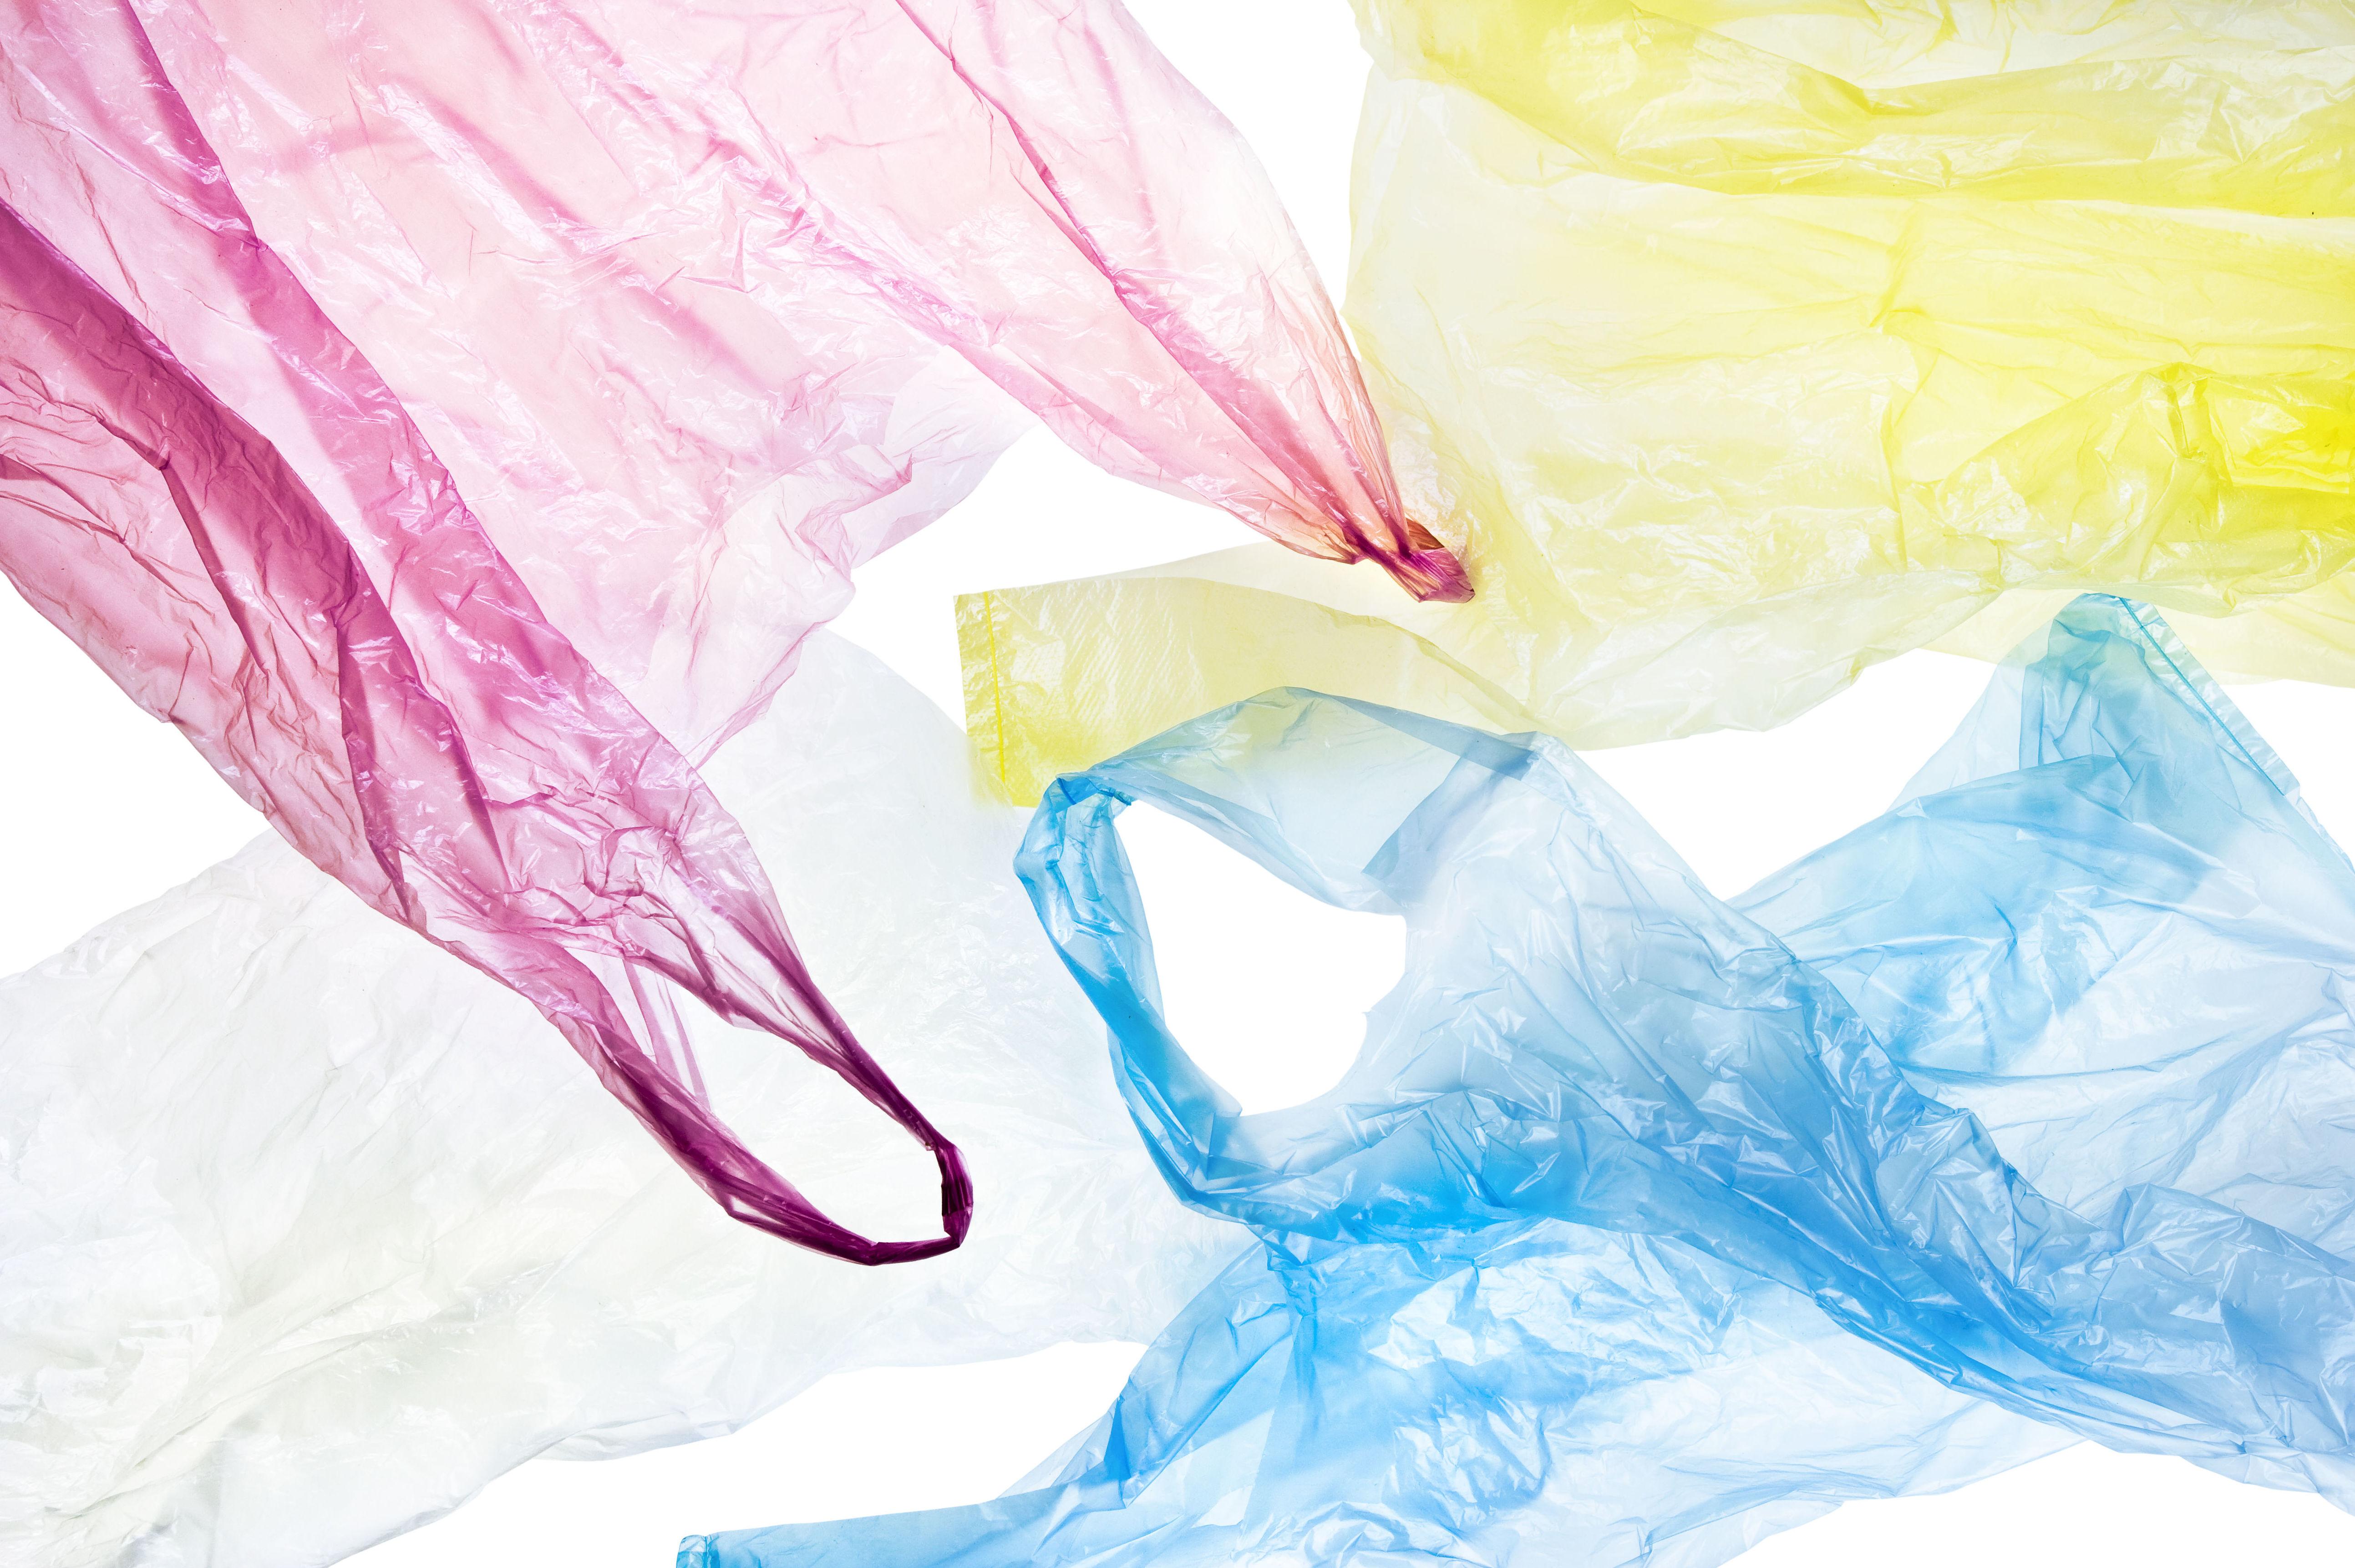 La guerra contra los plásticos